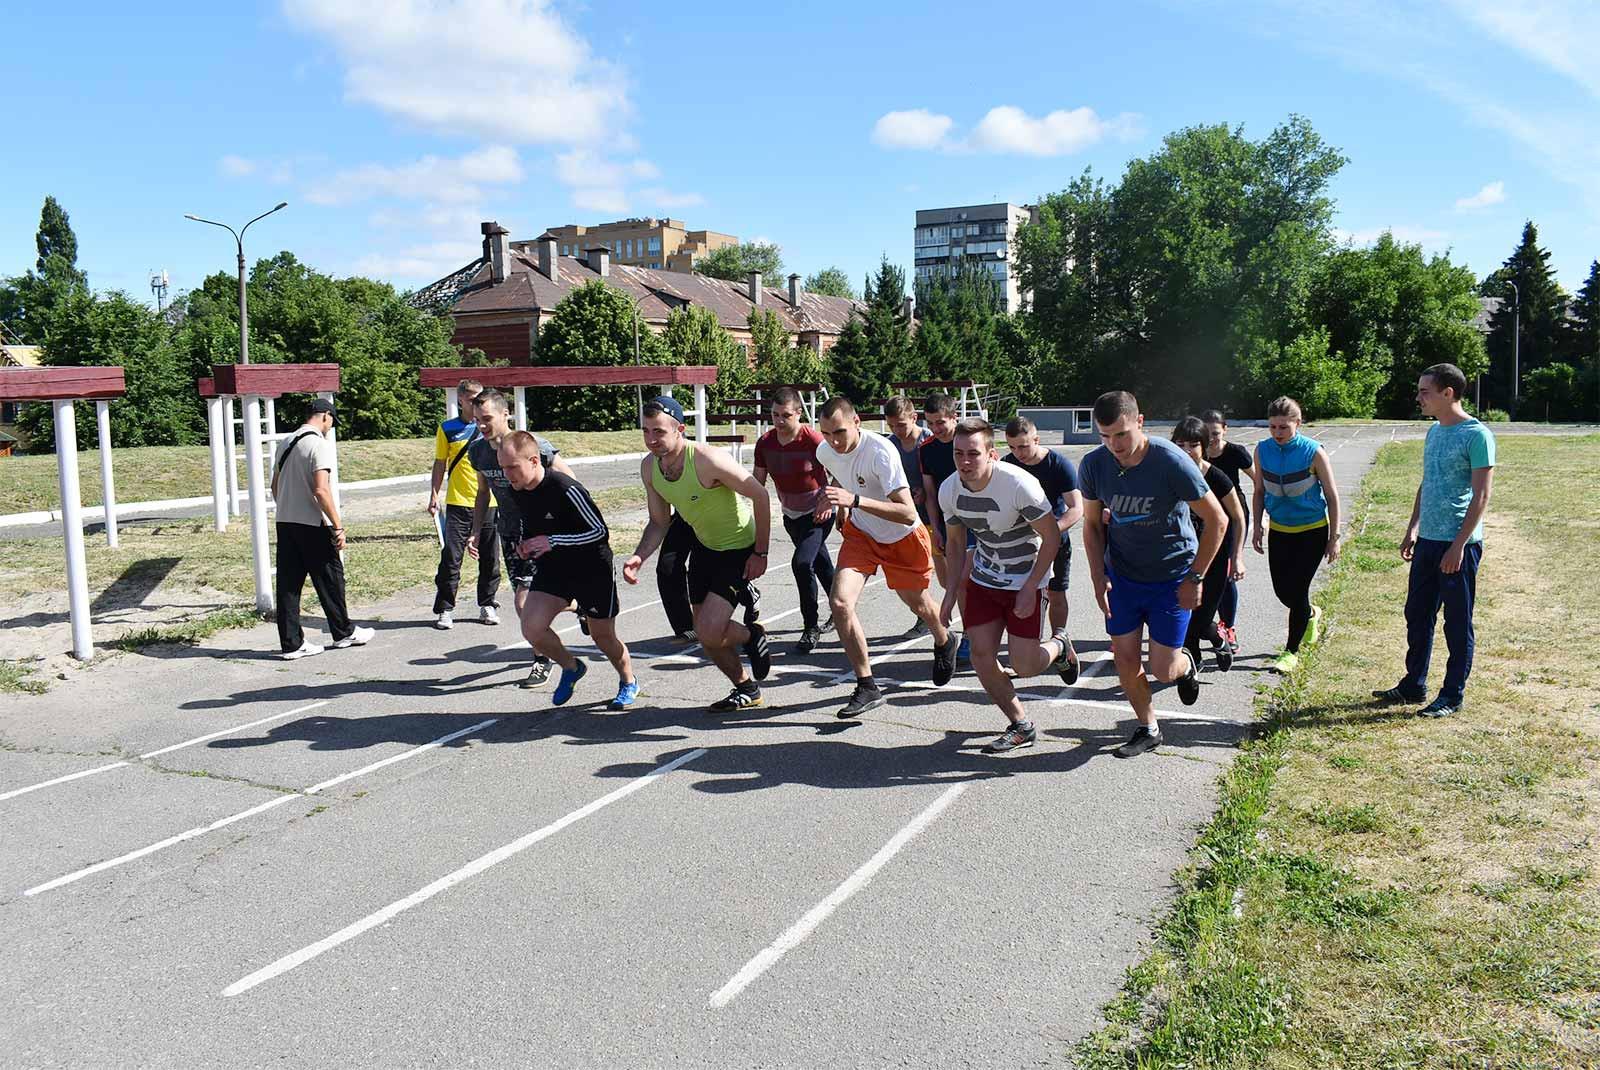 Спортивне свято об'єднало найсильніших та найспритніших курсантів університету